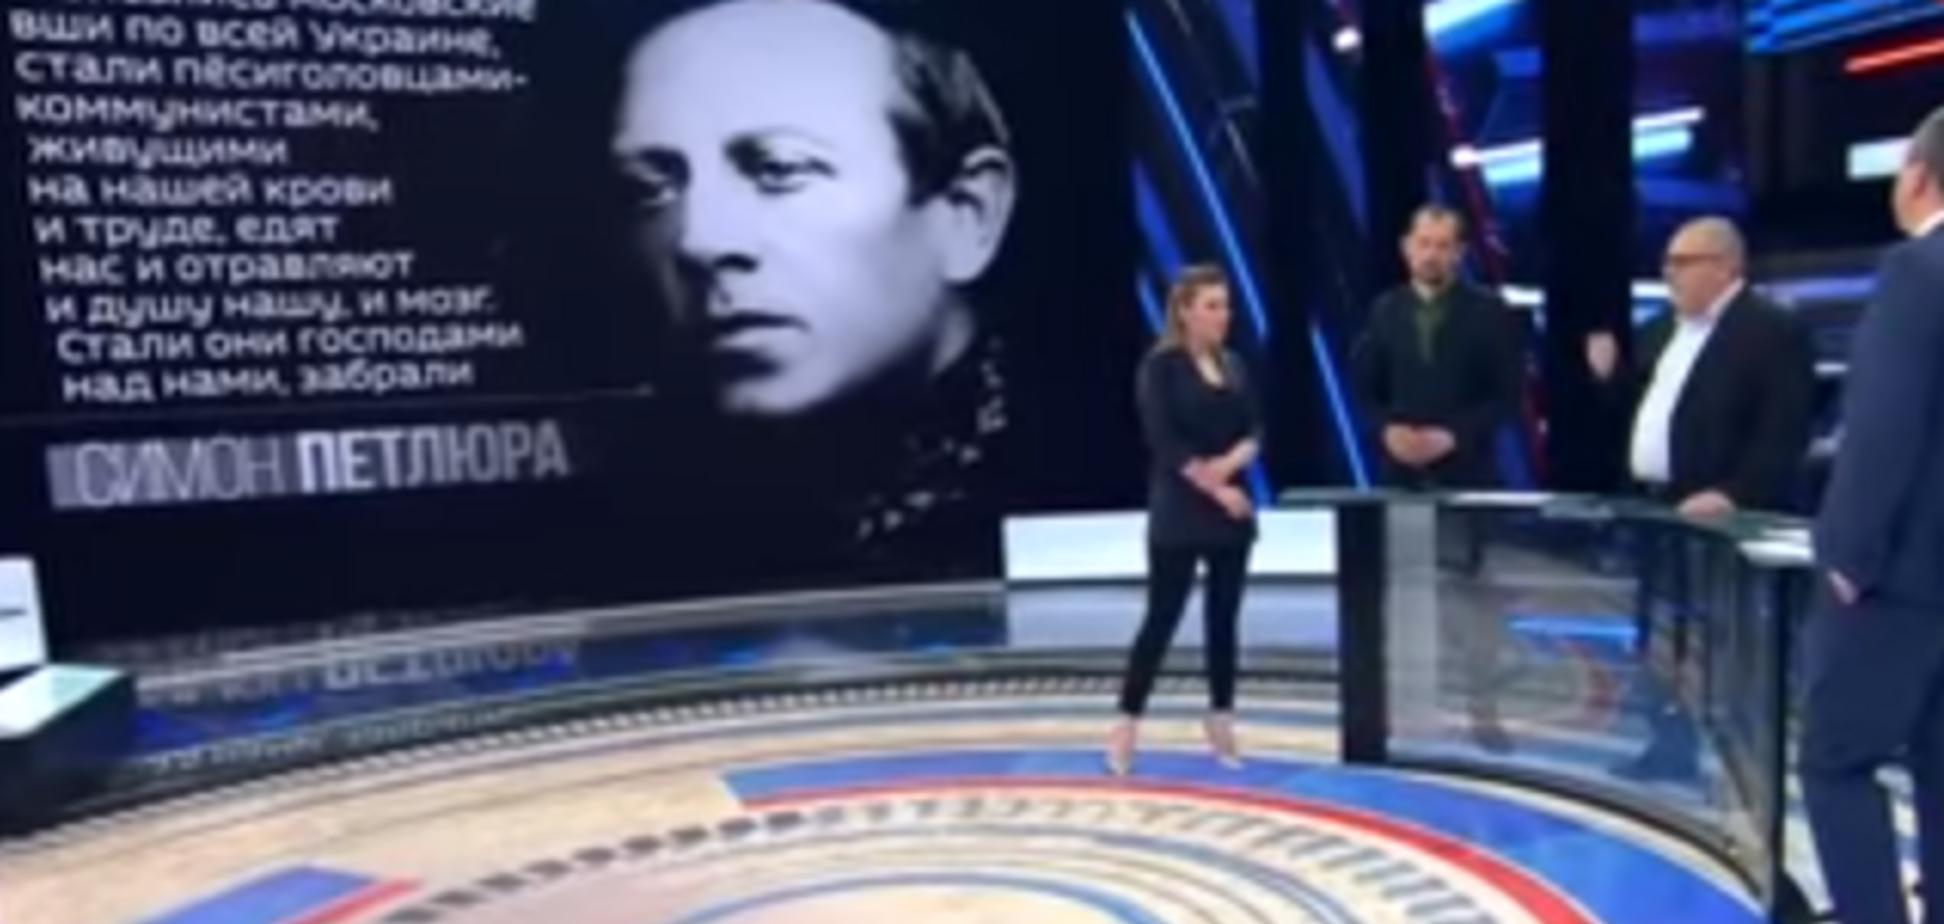 Хуже Бандеры? На КремльТВ придумали новую кровавую страшилку о 'диктаторе' Украины